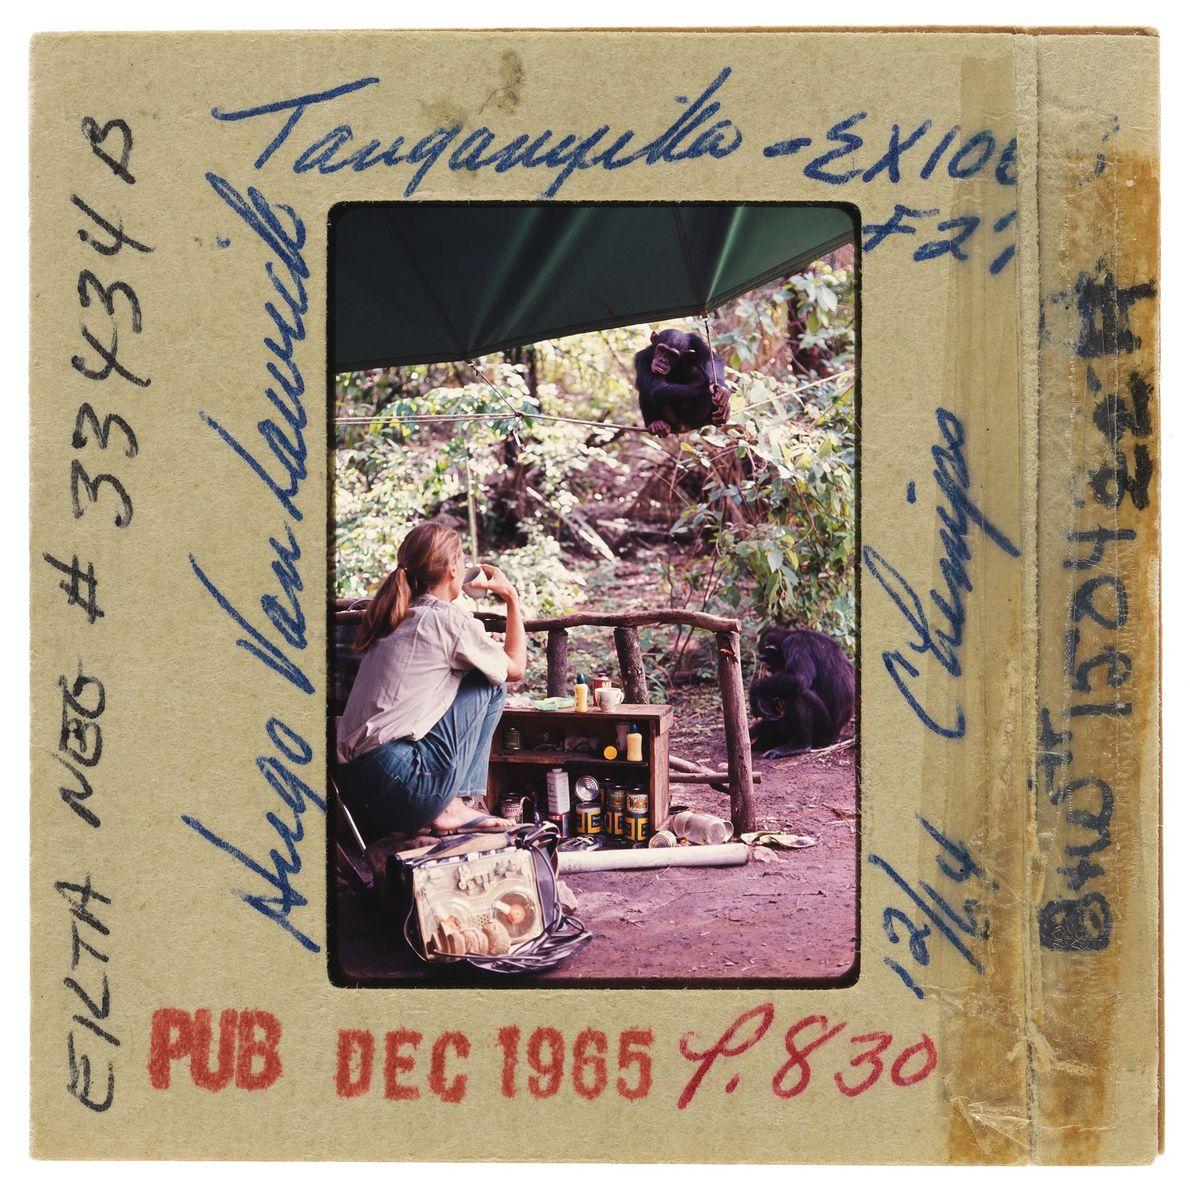 Jane sirote une boisson tout en contemplant un chimpanzé perché sur une corde de tente.